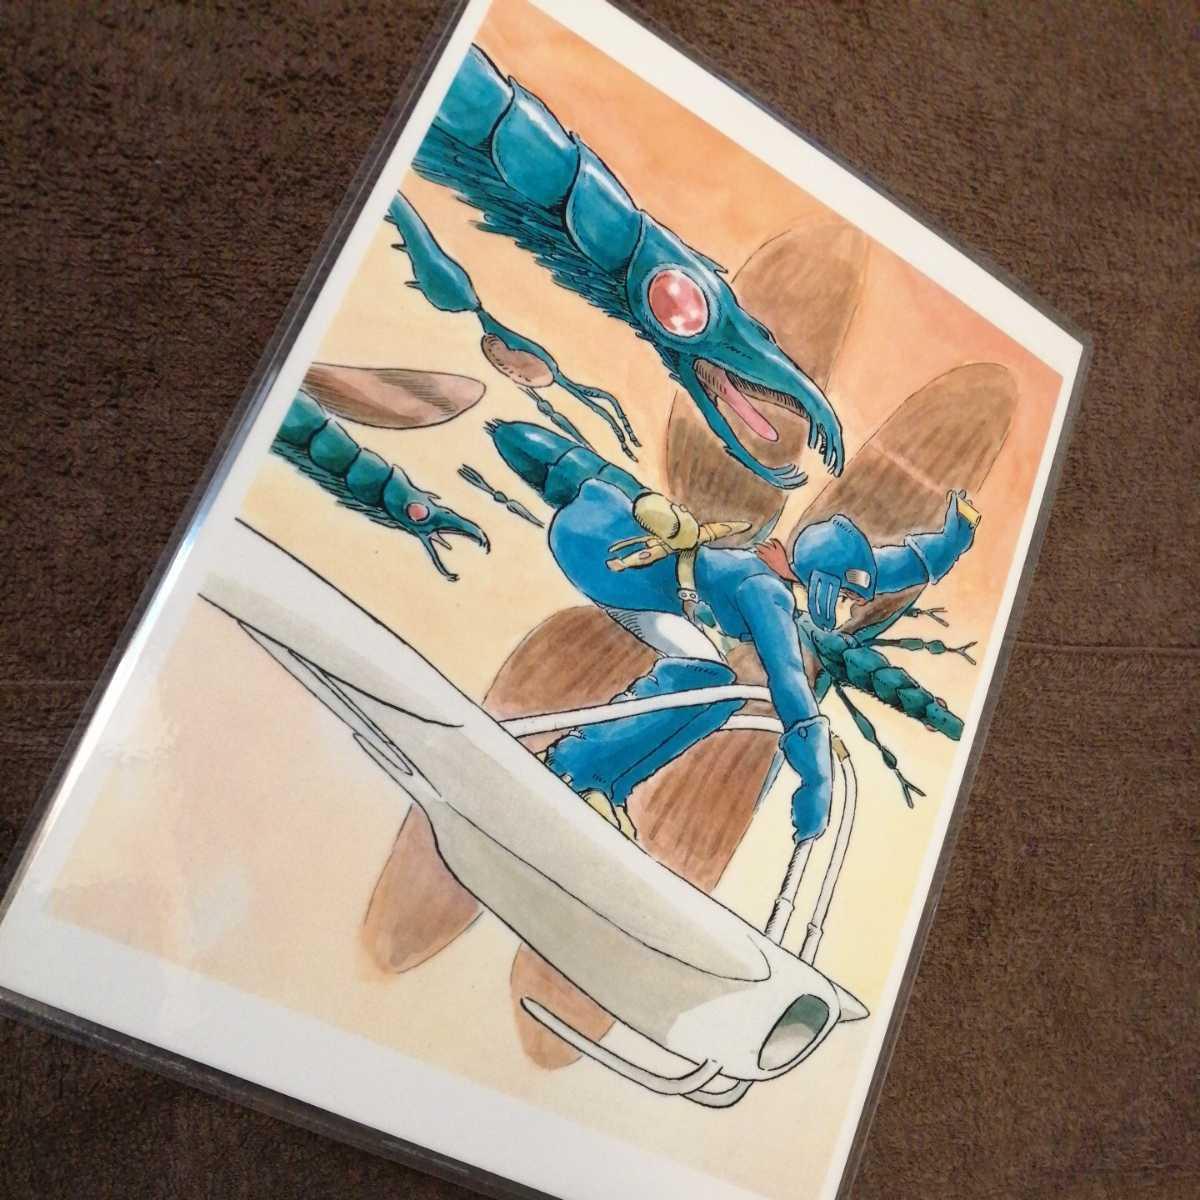 スタジオジブリ 風の谷のナウシカ ジブリカード ナウシカイラスト画 ラミネートカード パネル ポストカード ポスター 宮崎駿v_画像7